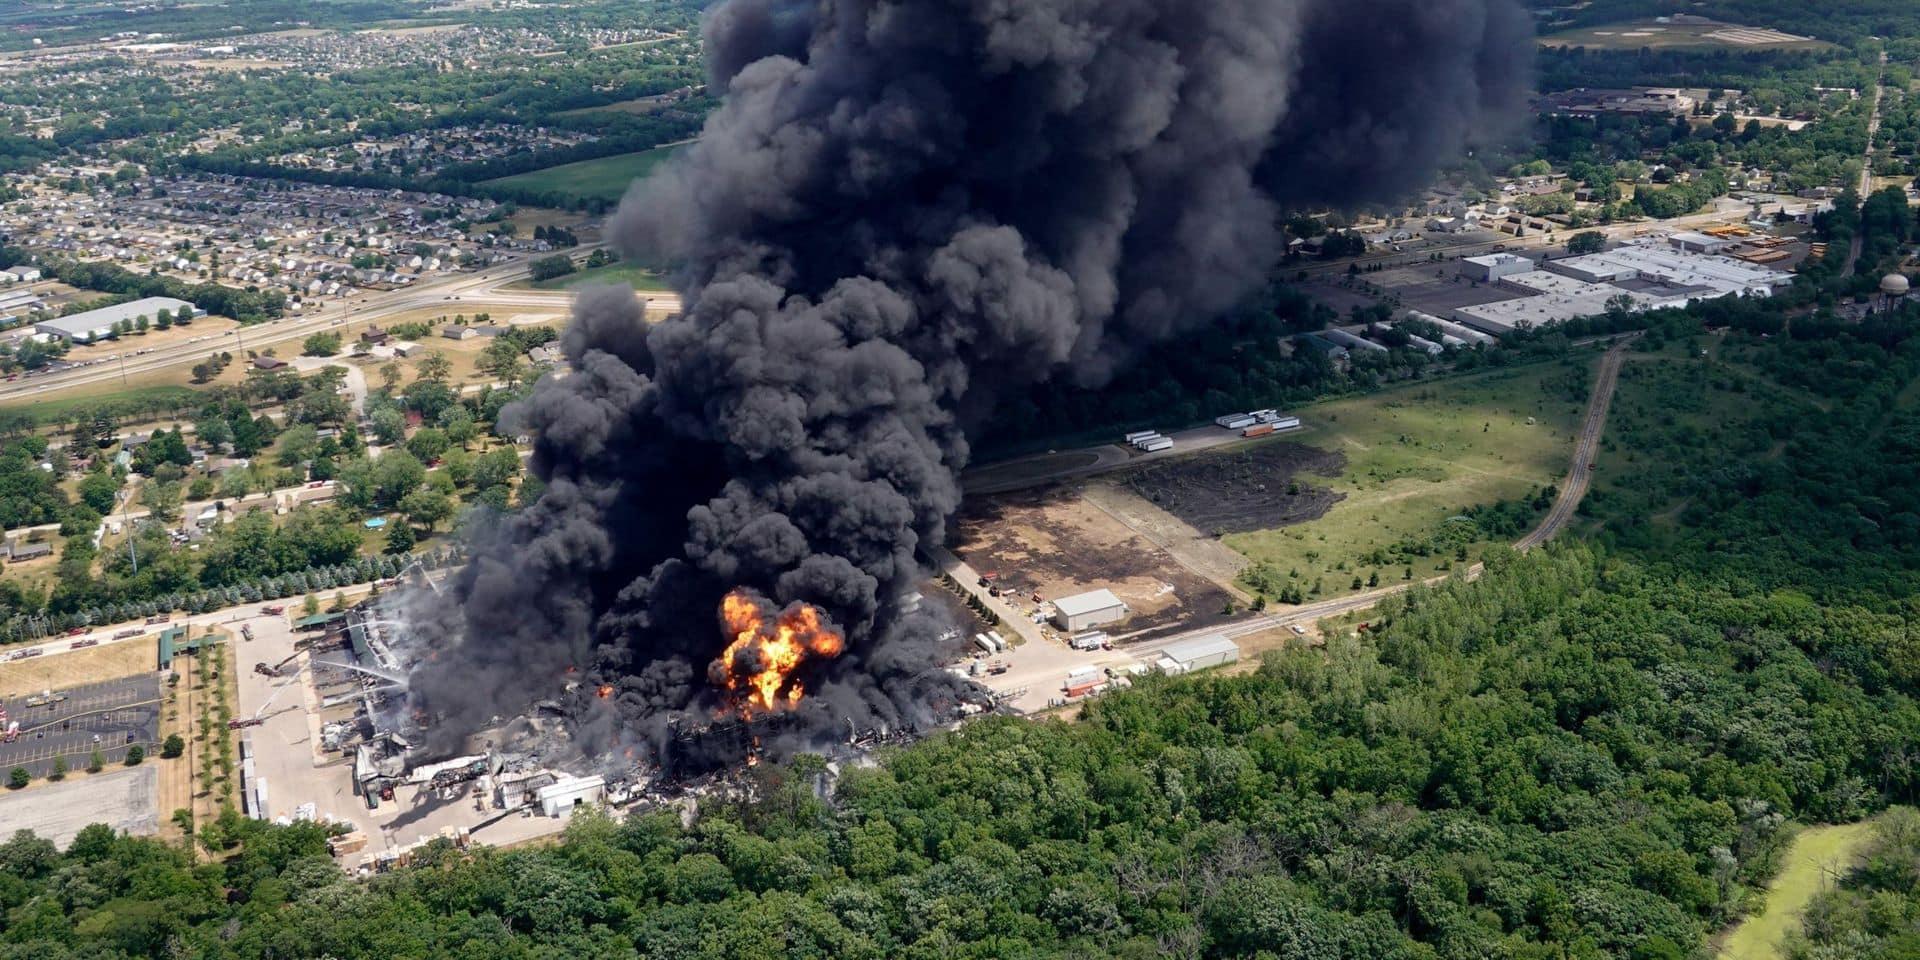 Etats-Unis: incendie impressionnant dans une usine chimique, les habitants des alentours évacués